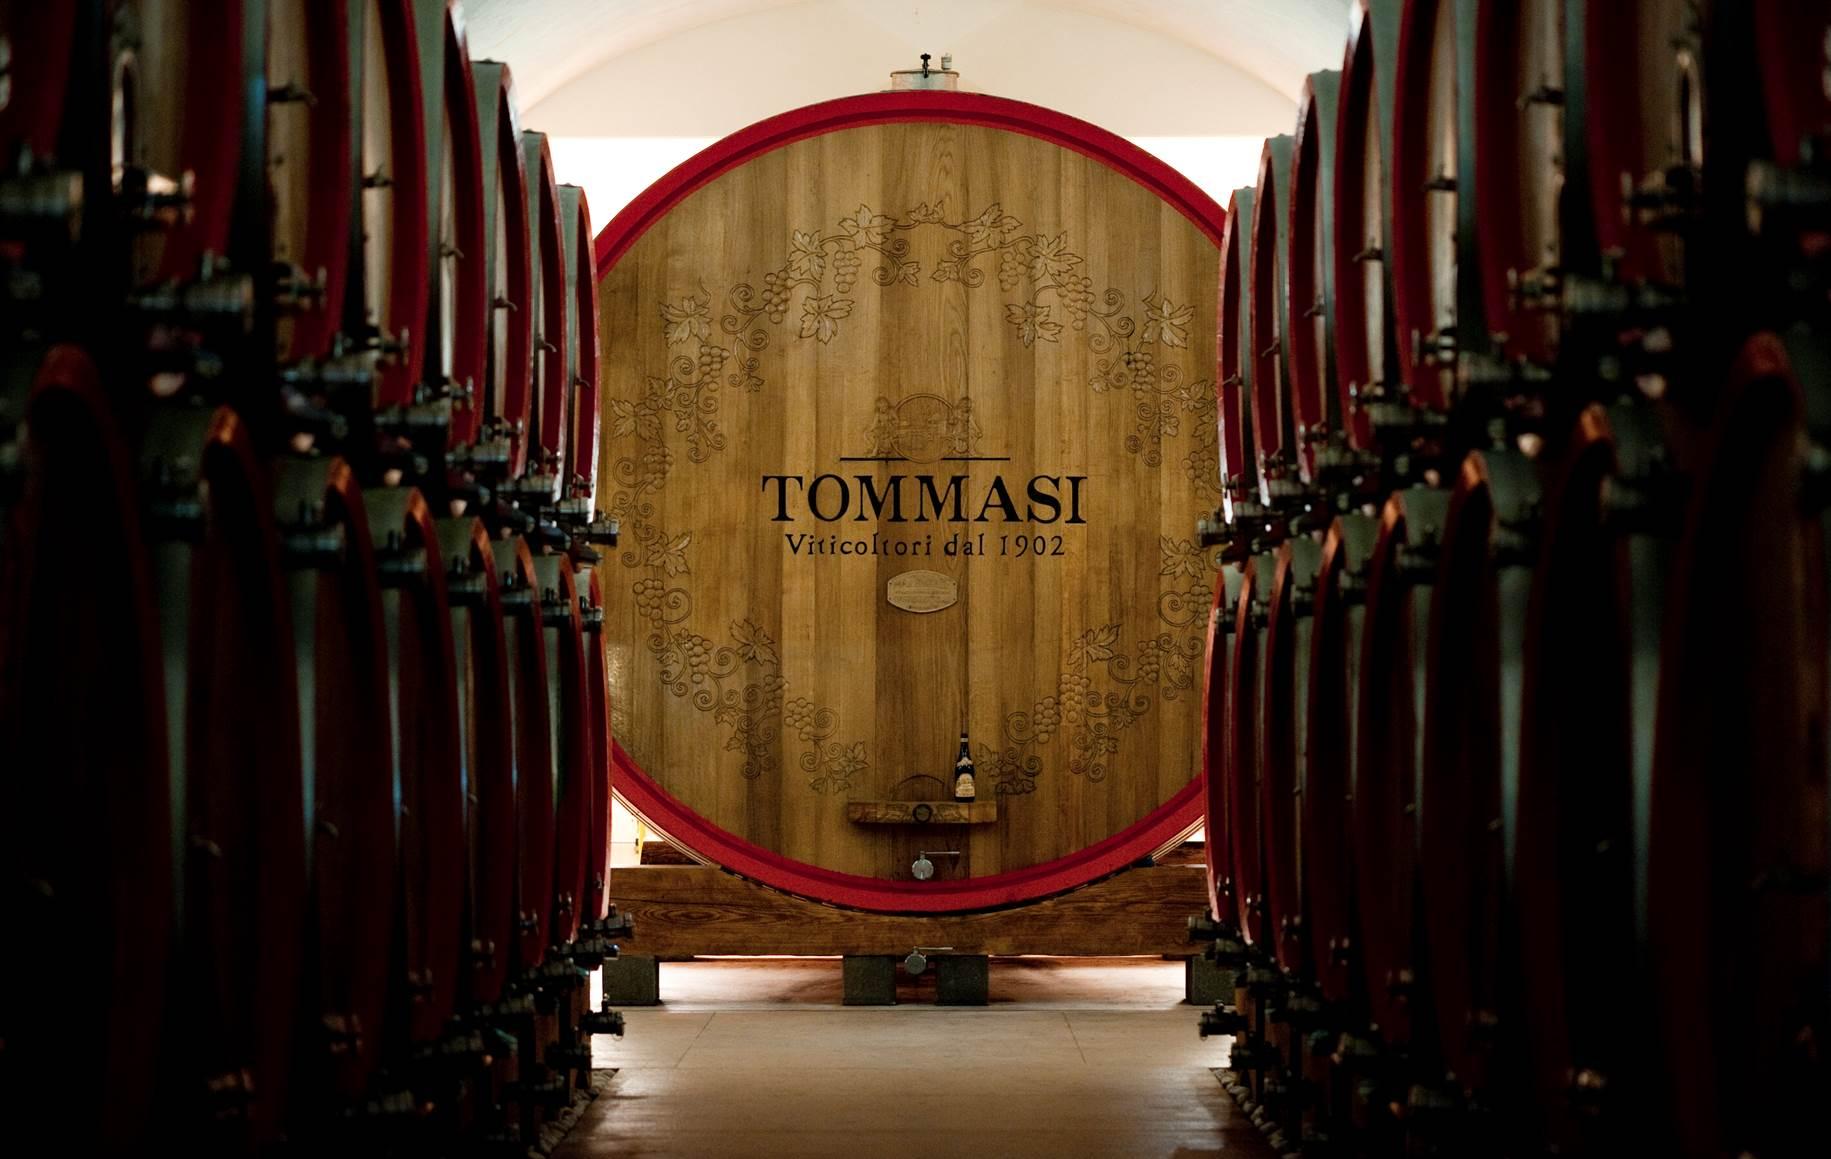 托马斯酒庄(Tommasi)